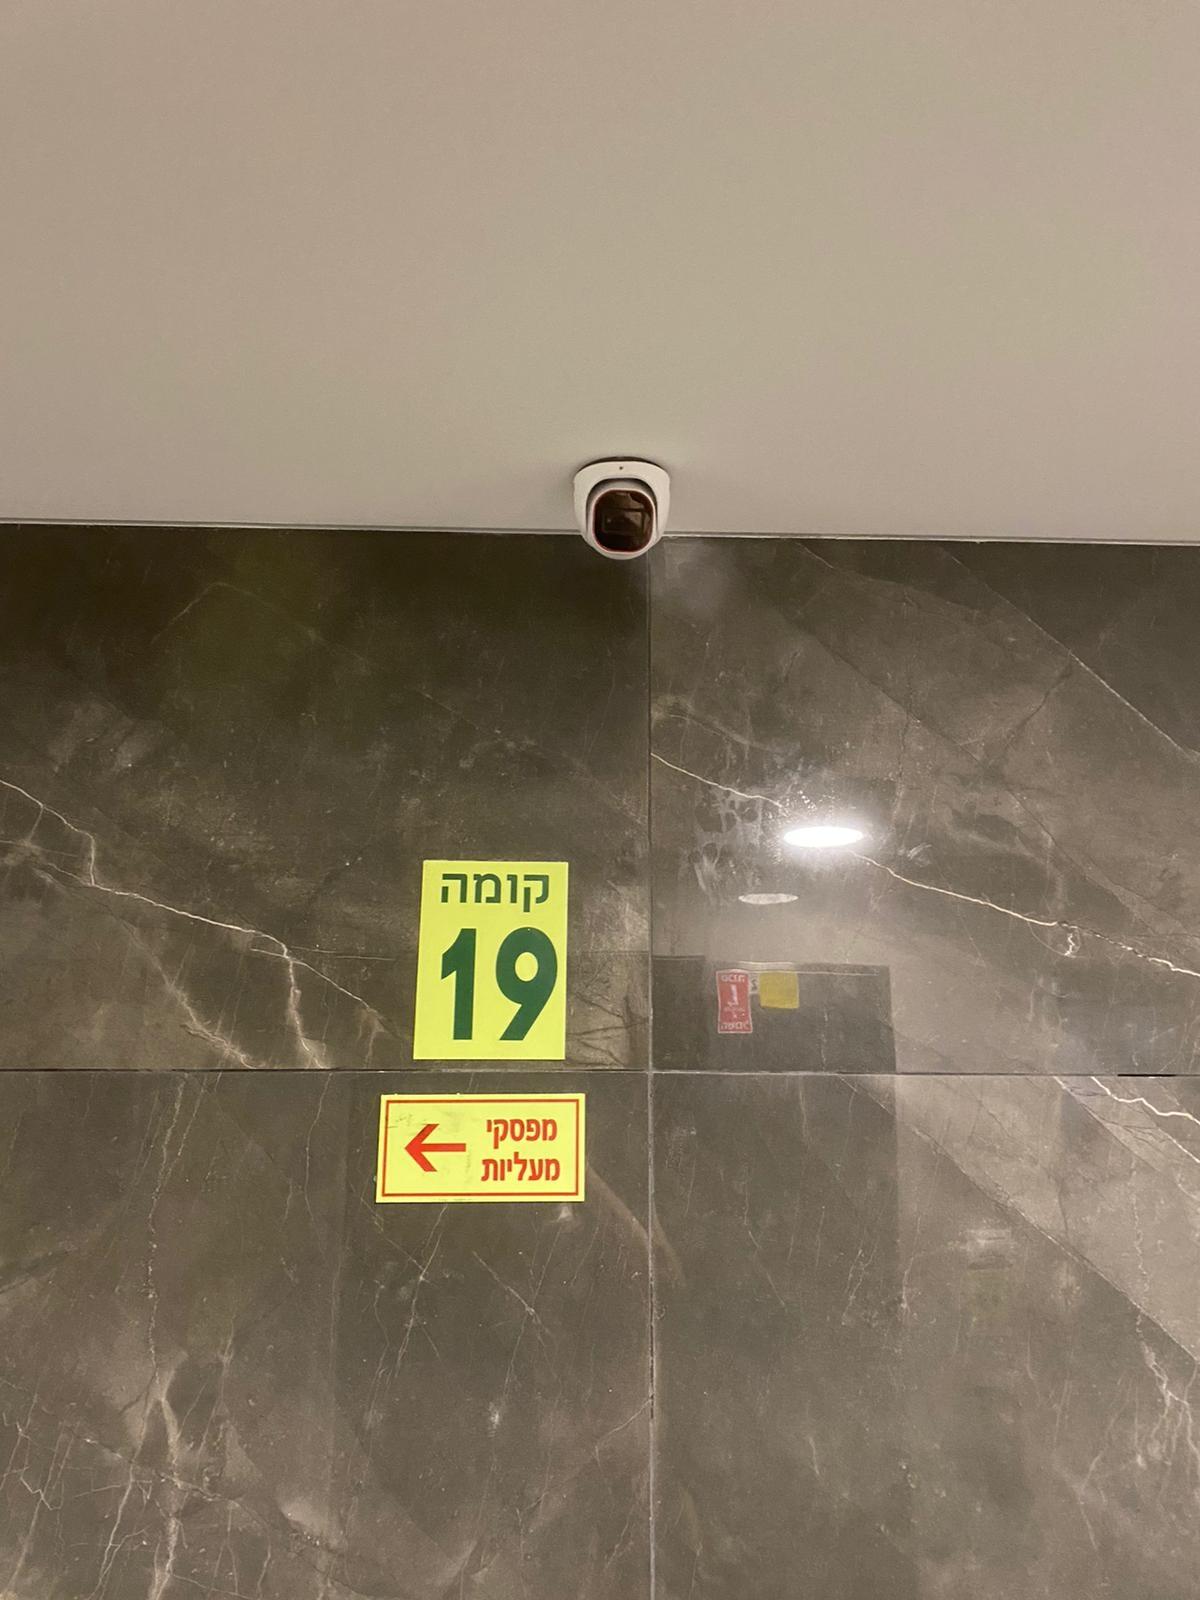 התקנת מצלמות בכל קומה בביניין בן 20 קומות בטירת הכרמל